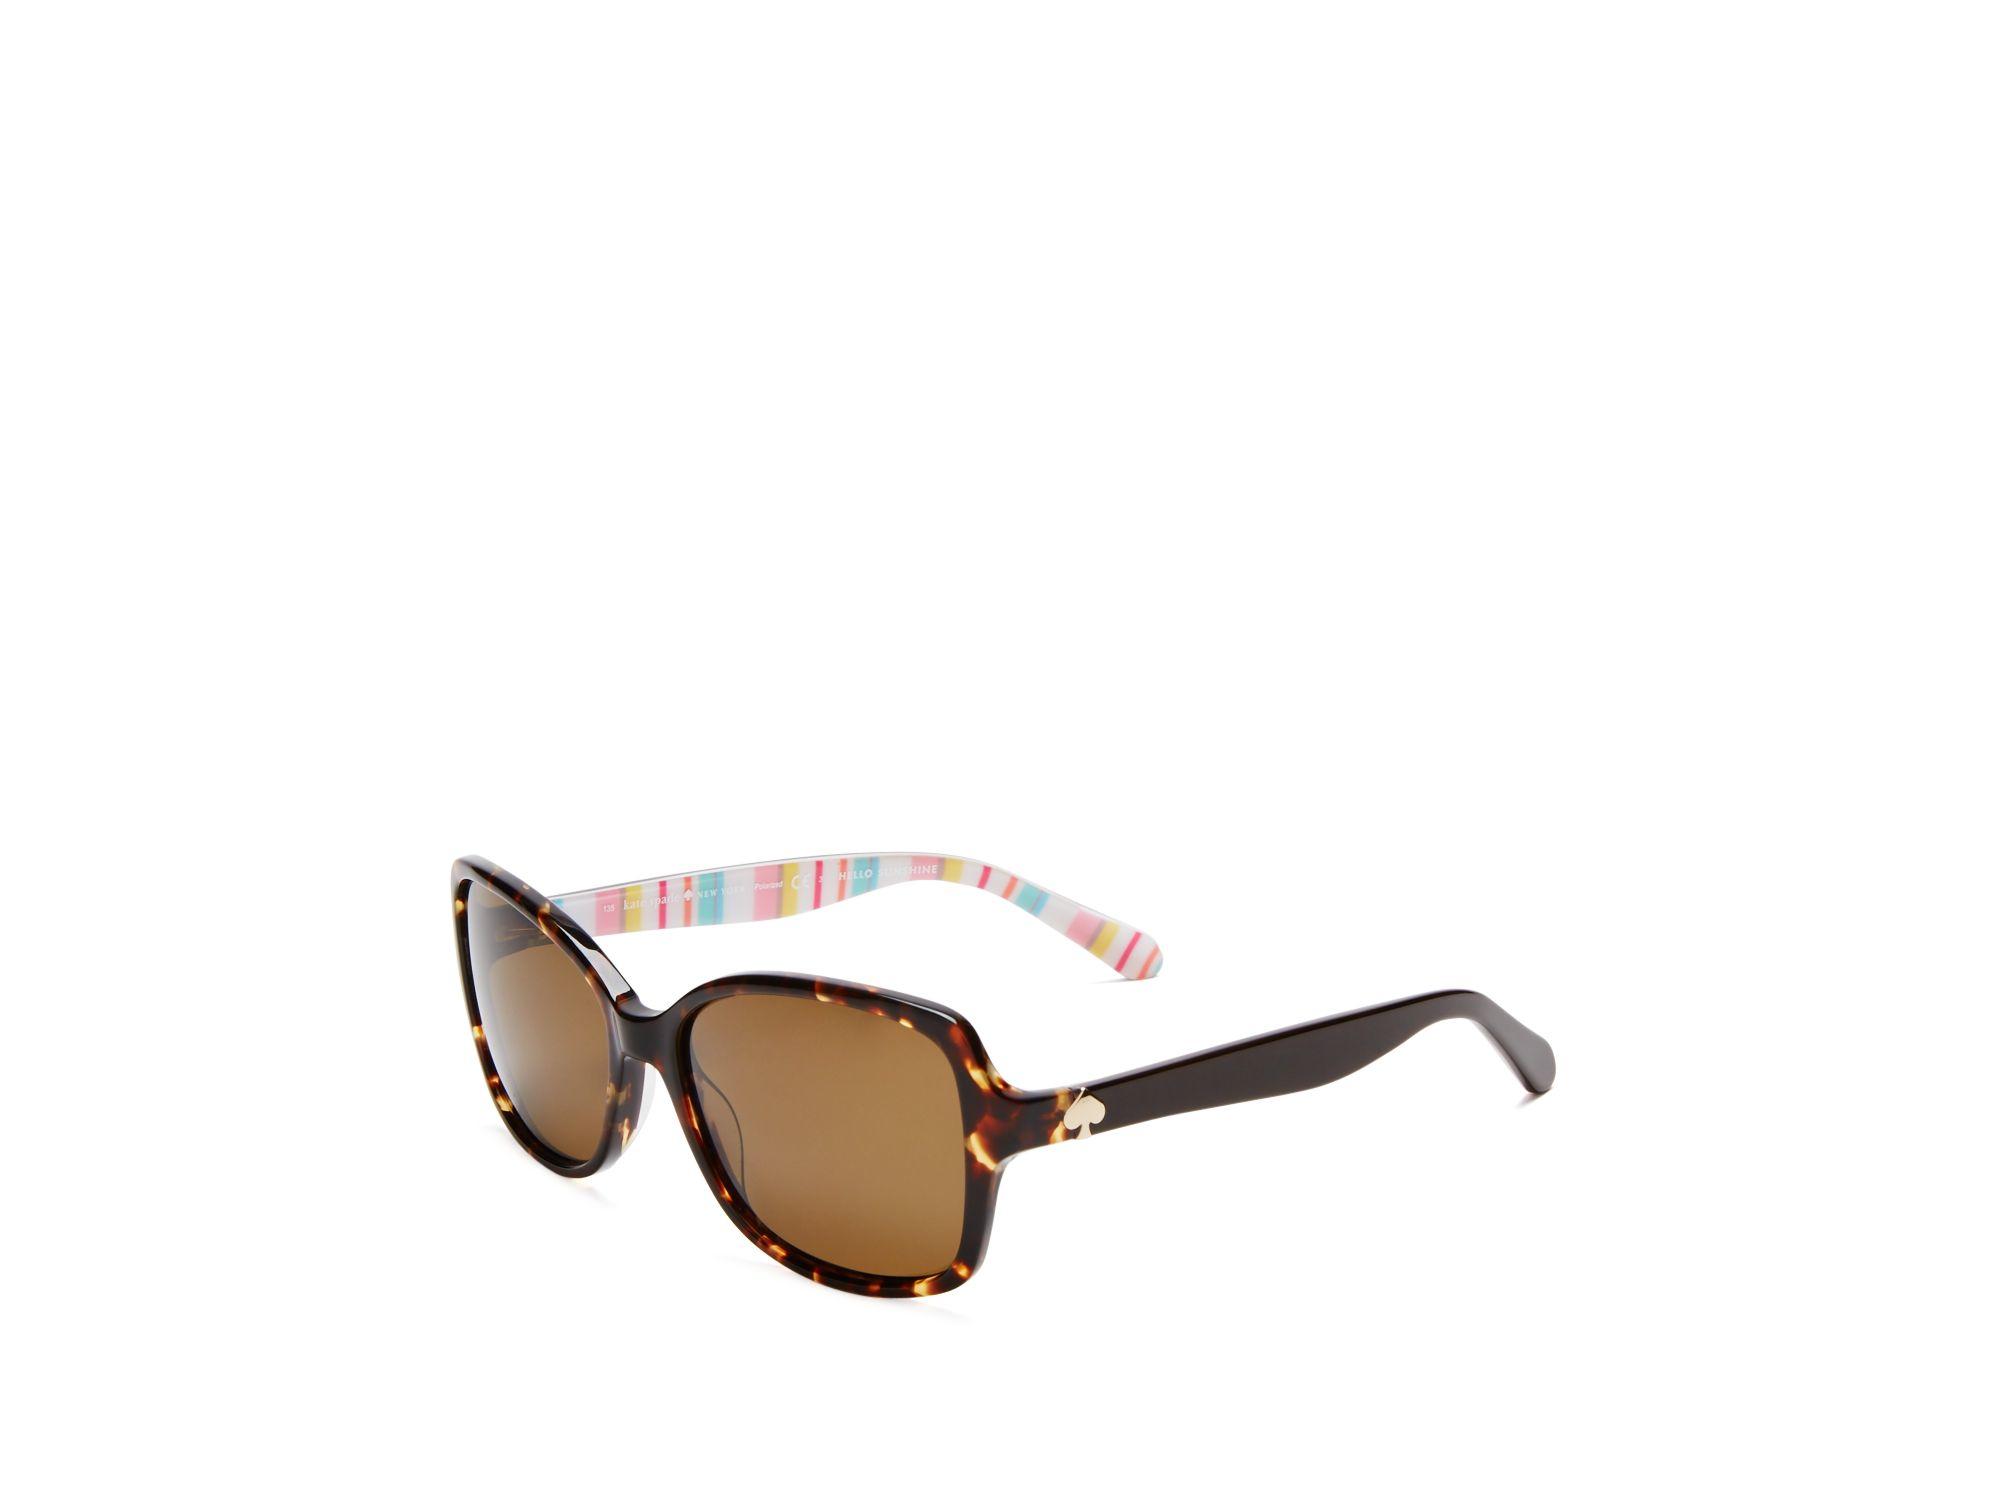 812f69fd7e7 Ray Ban 56mm Polarized Square Sunglasses « Heritage Malta